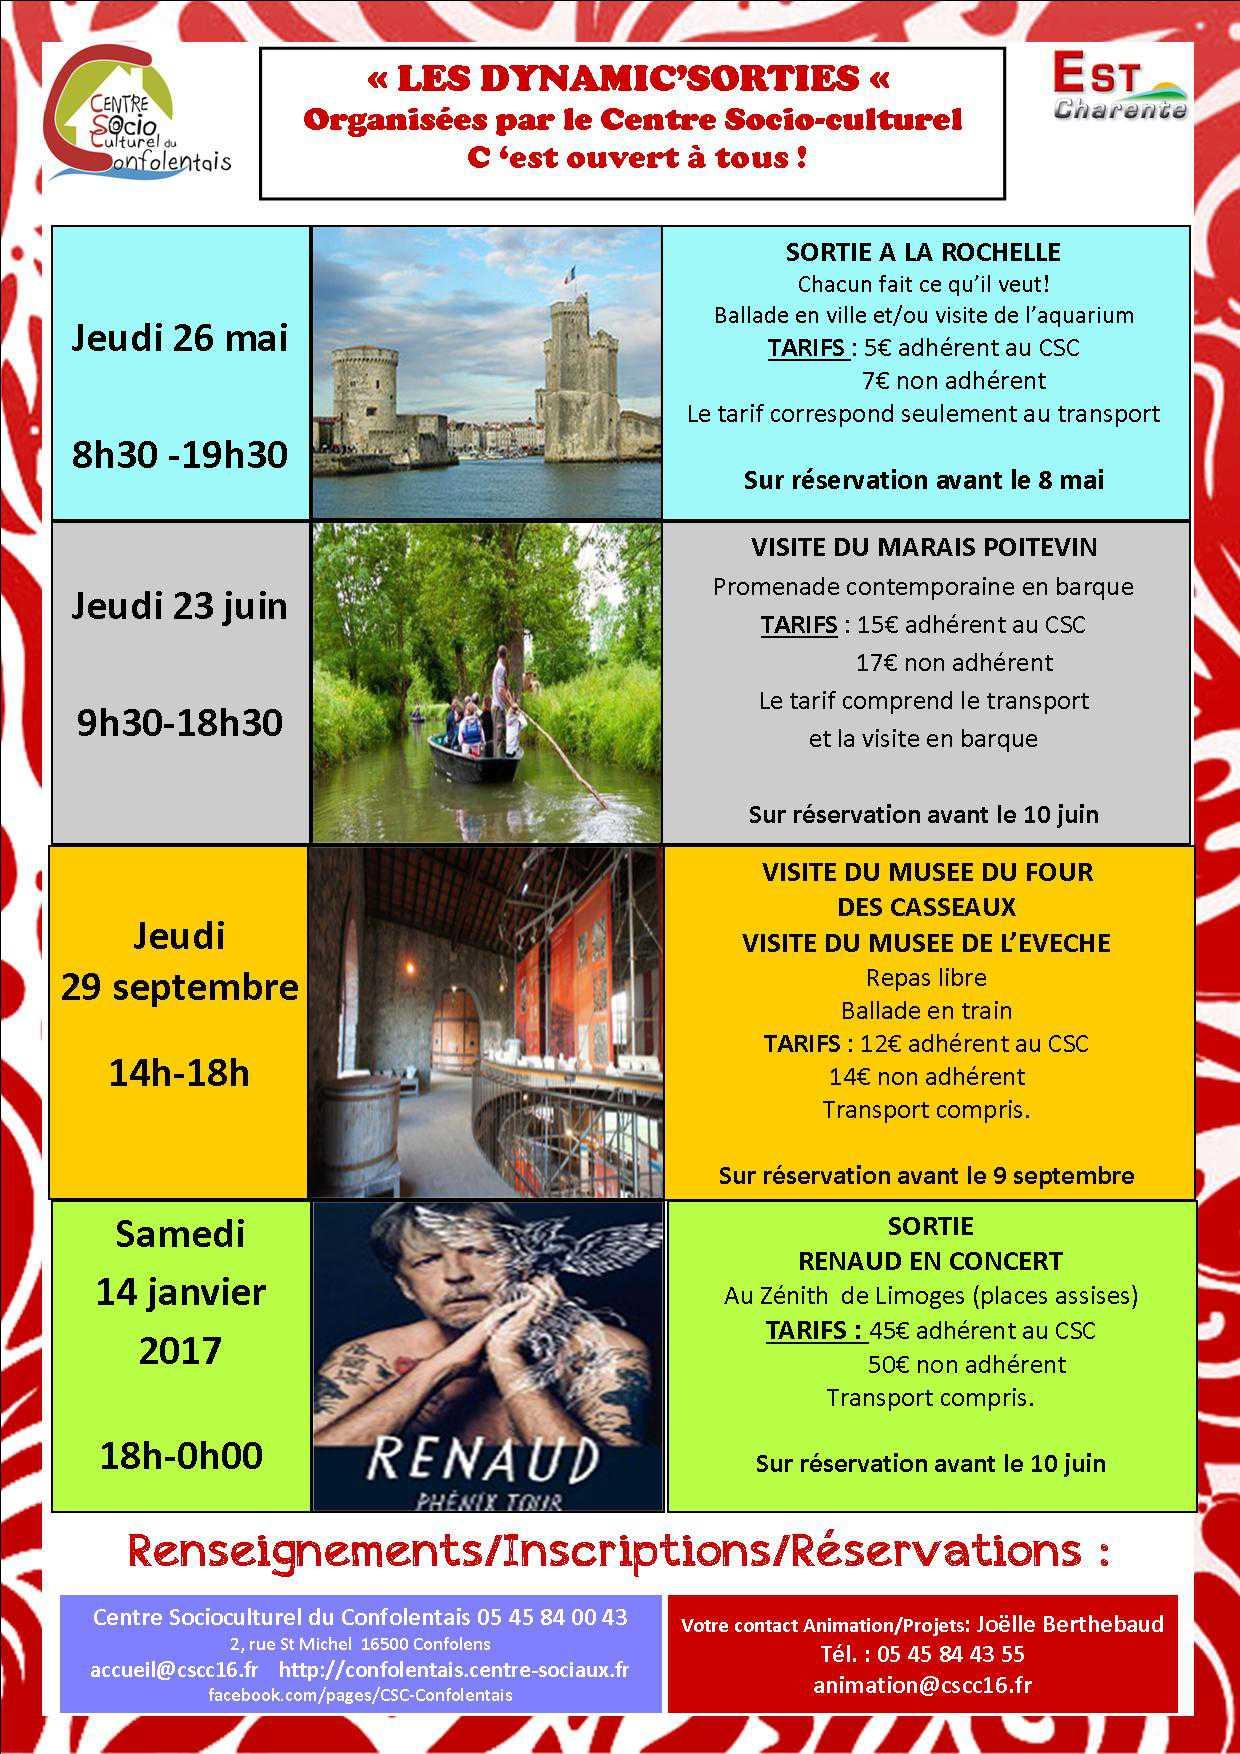 Dynamic Sorties: La Rochelle, Marais Poitevin, Concert Renaud… Réservez!